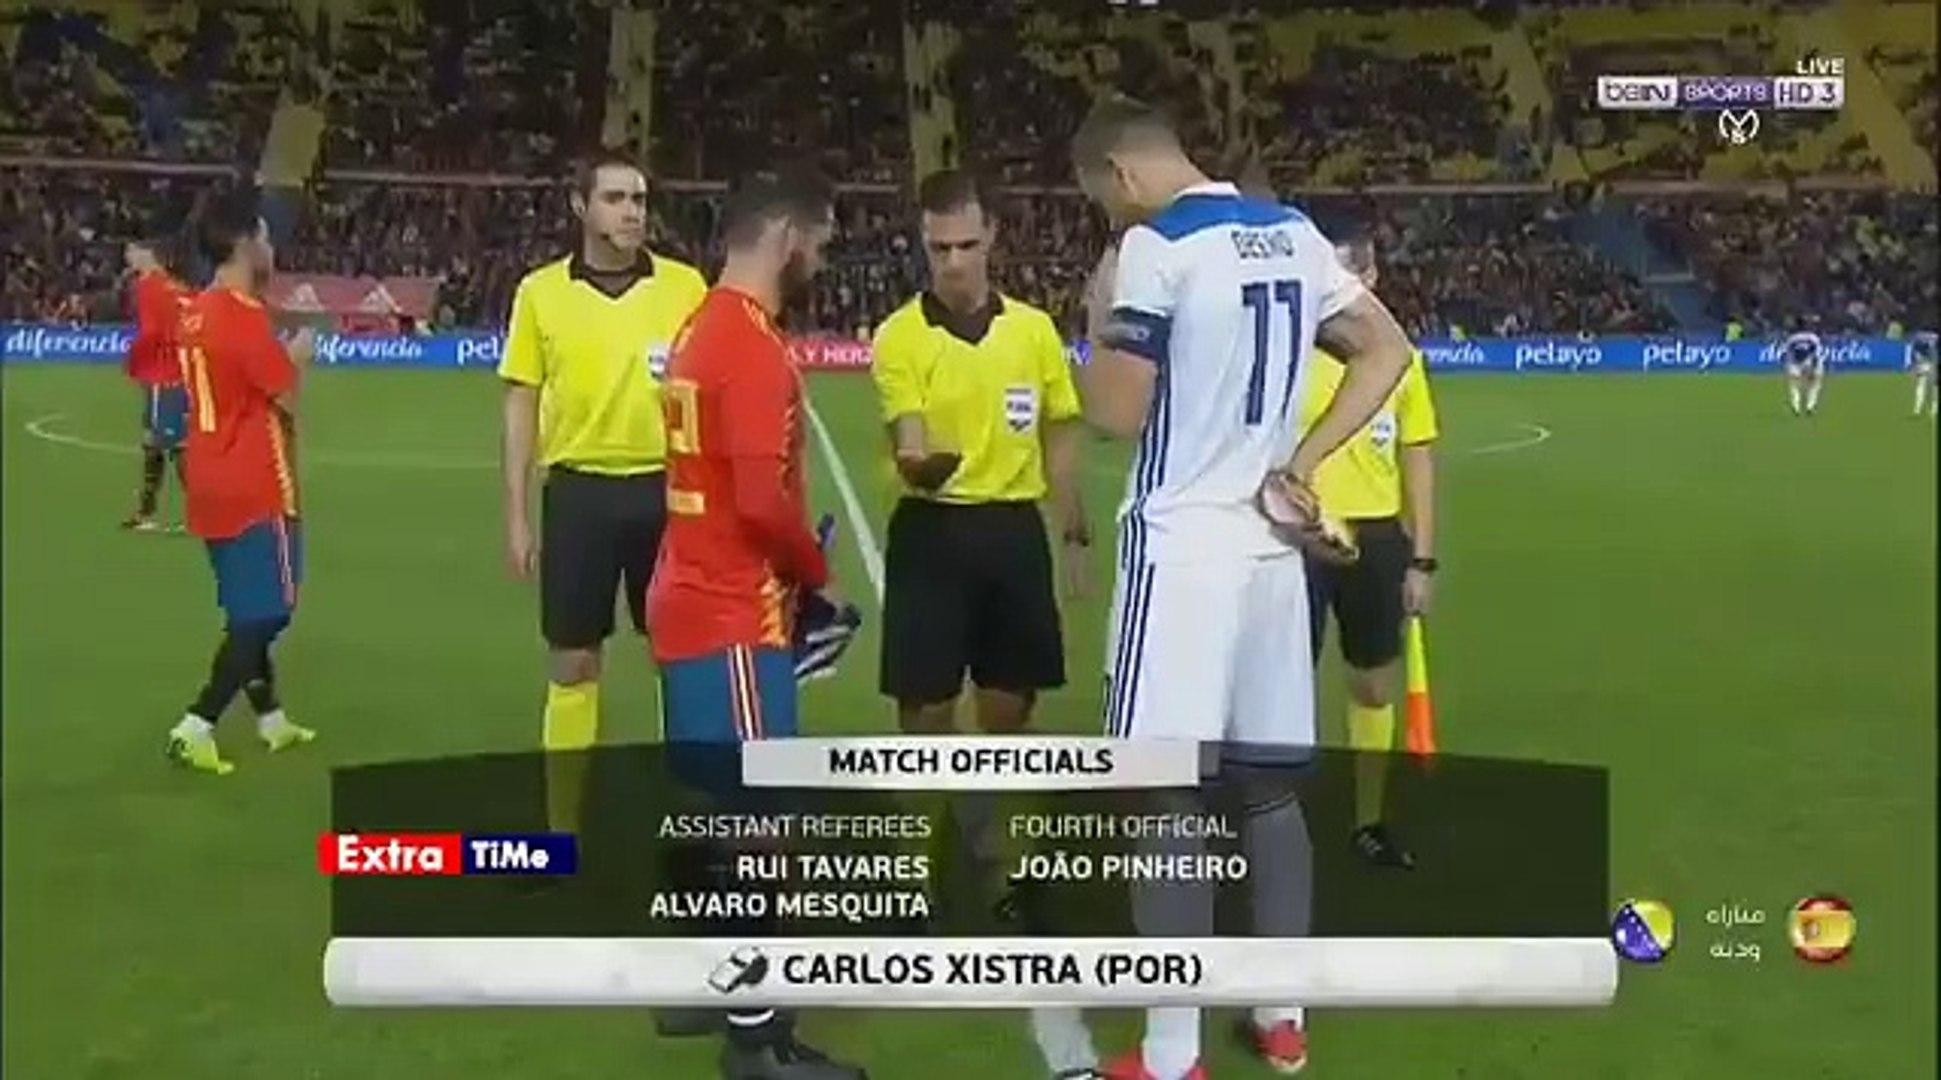 ملخص مباراة اسبانيا و البوسنة 0-1-تألق ايسكو-مباراة مجنوونة